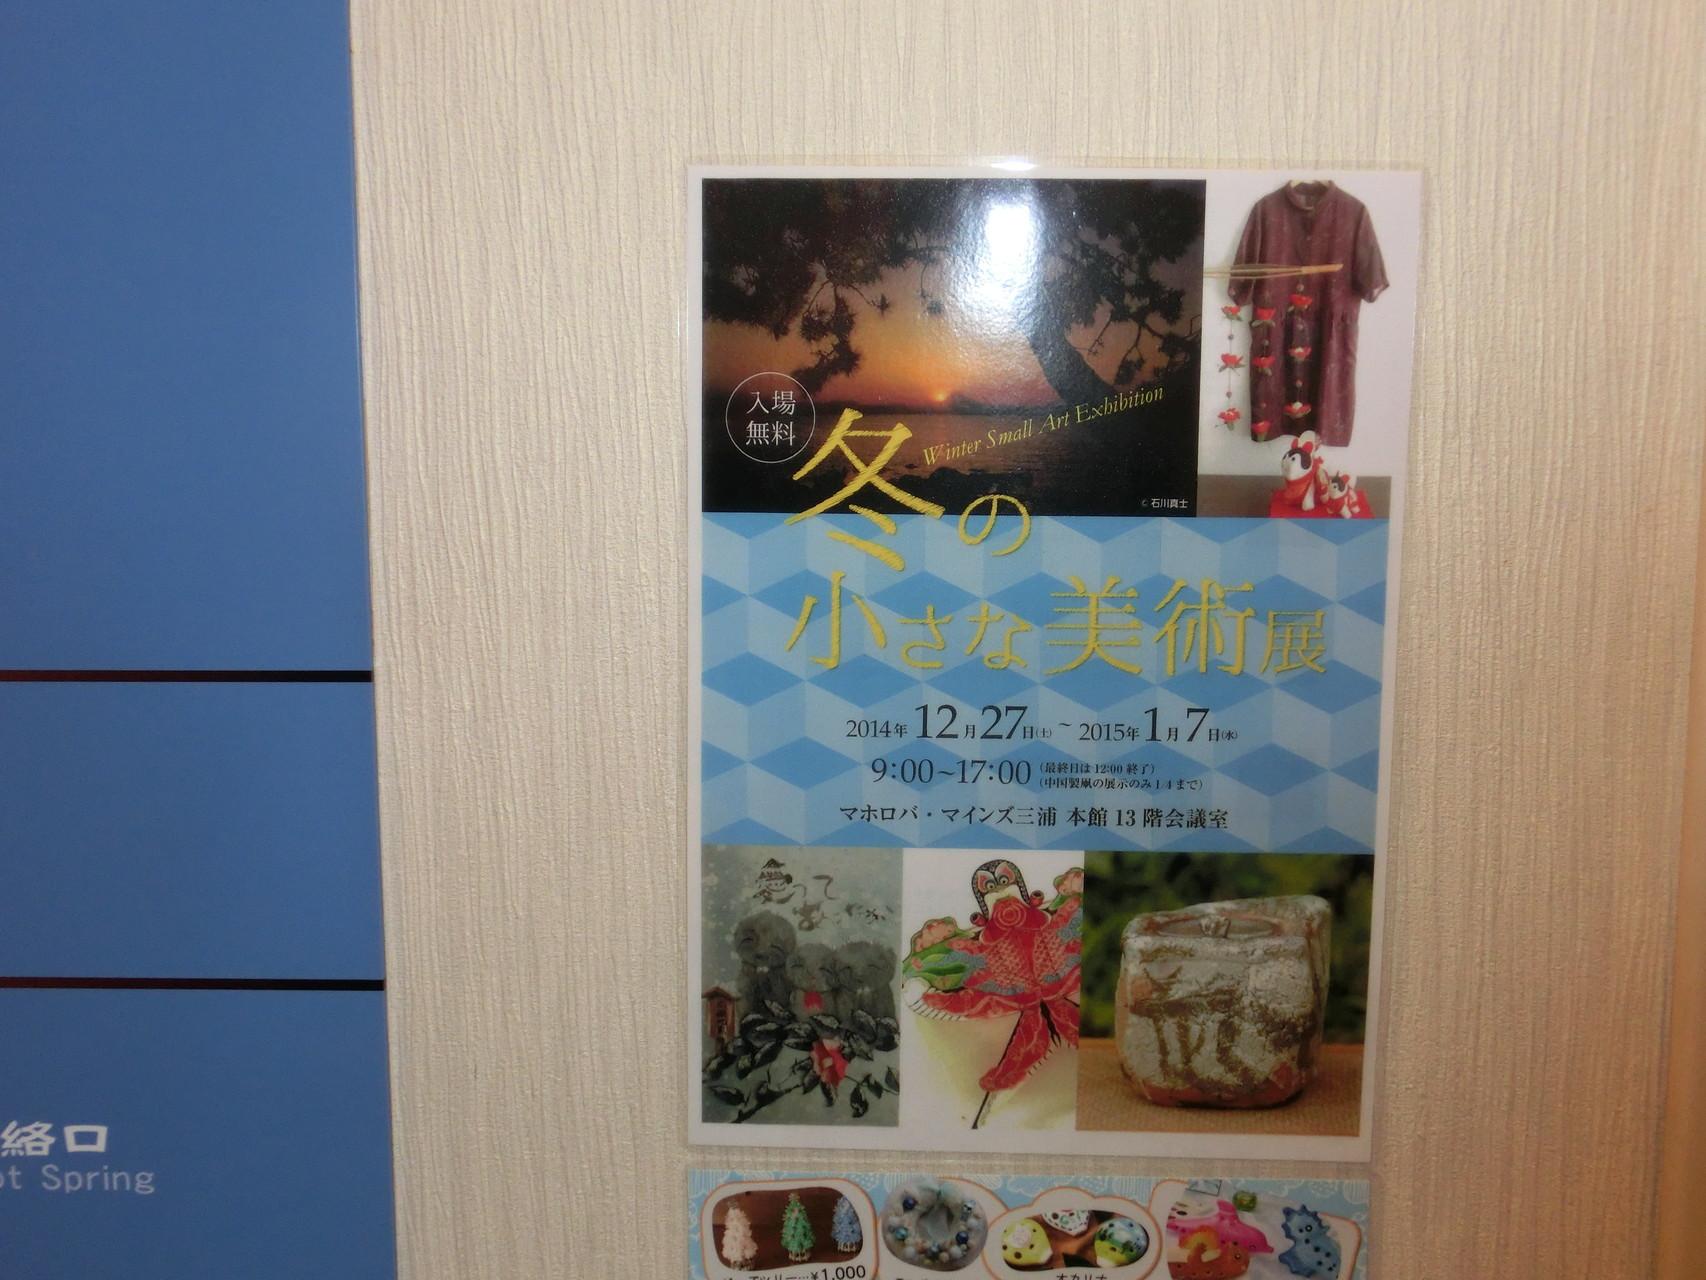 展覧会の ポスター